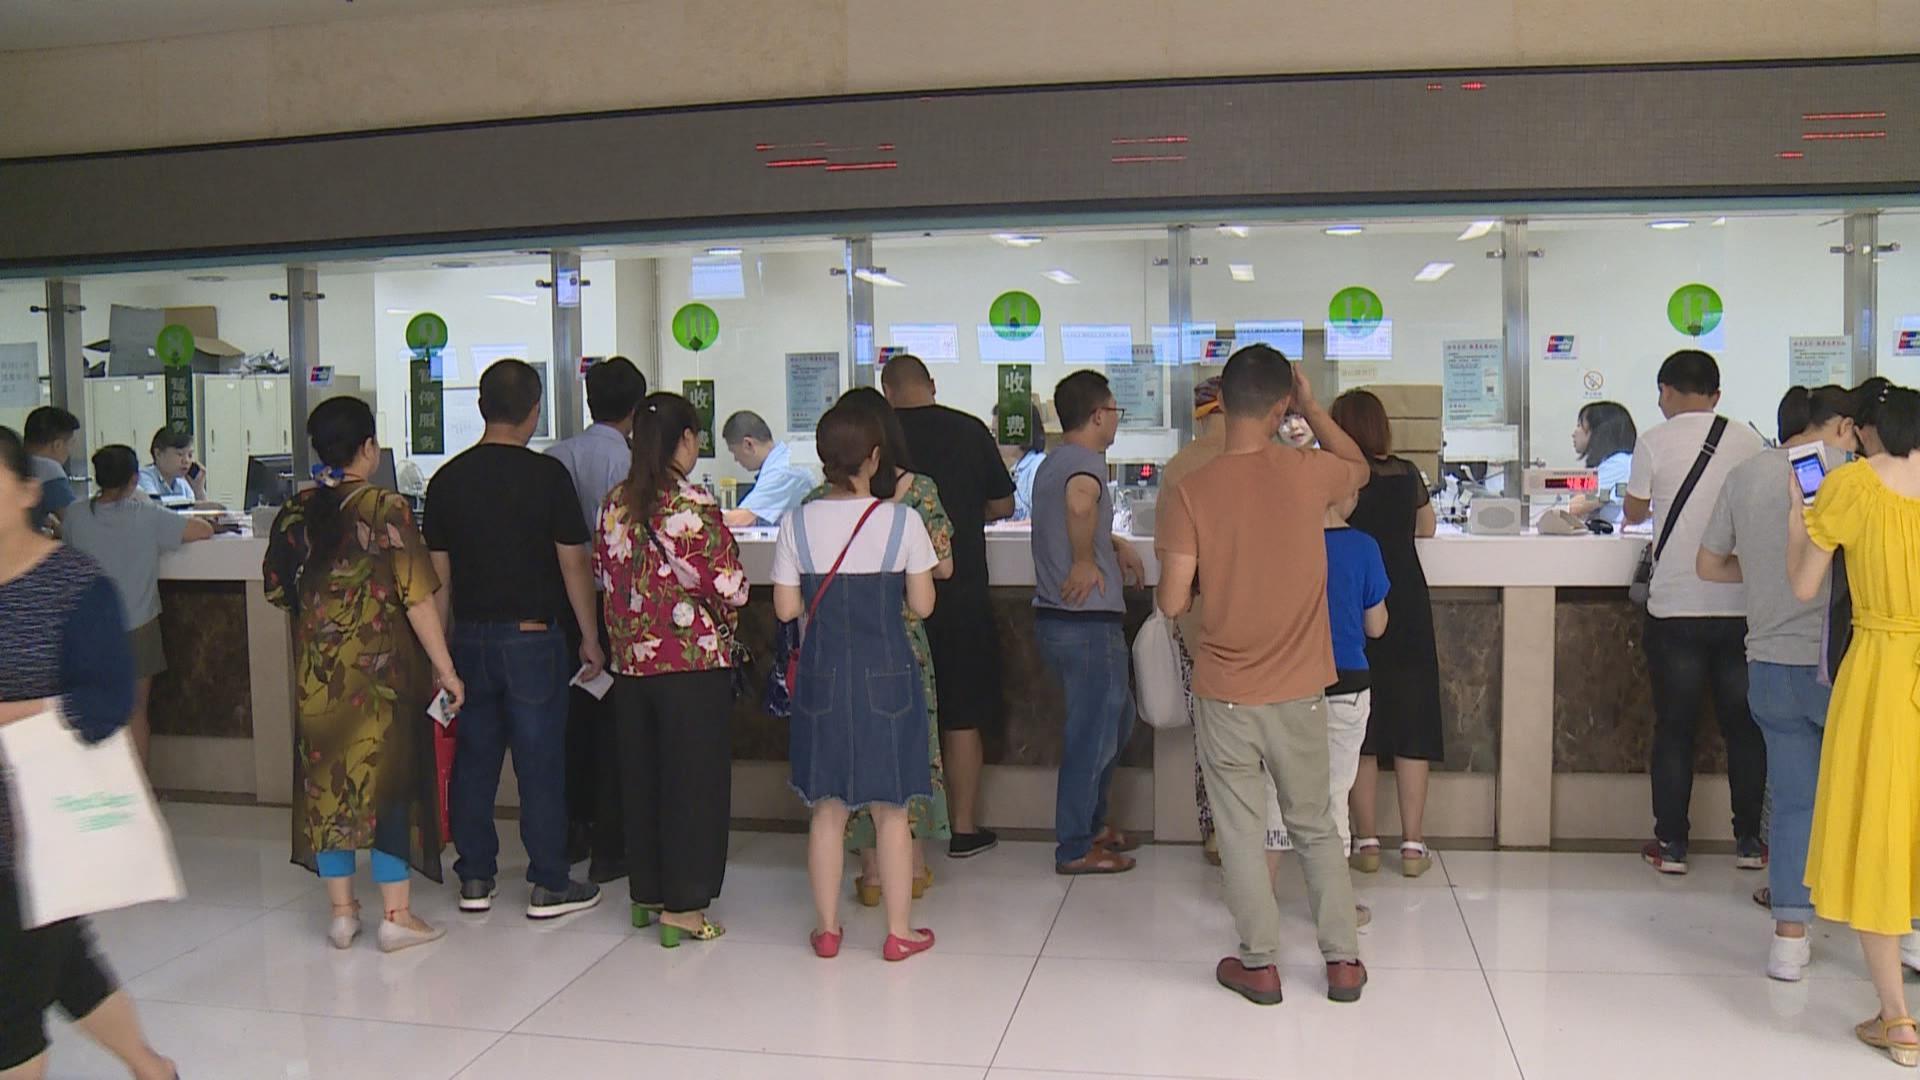 四川省93家医院124个药店可异地使用医保个人账户[8月19日]